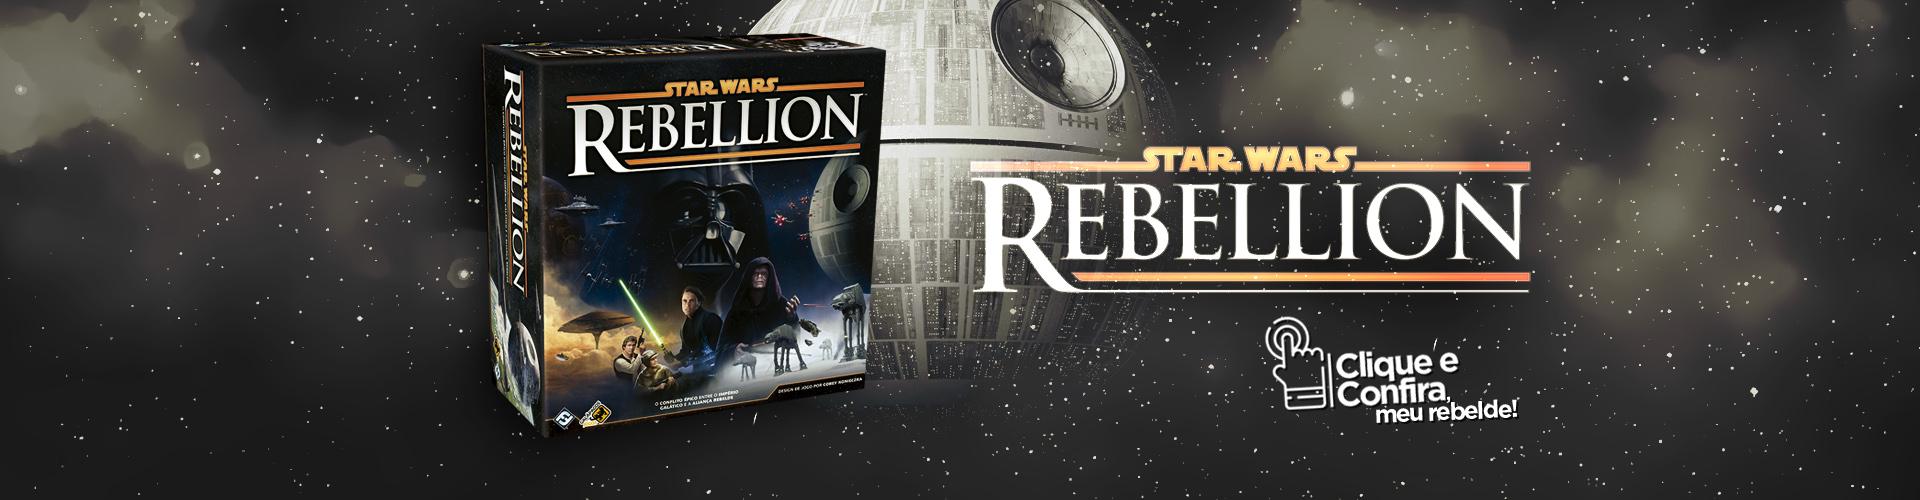 Pré-venda: Star Wars Rebellion